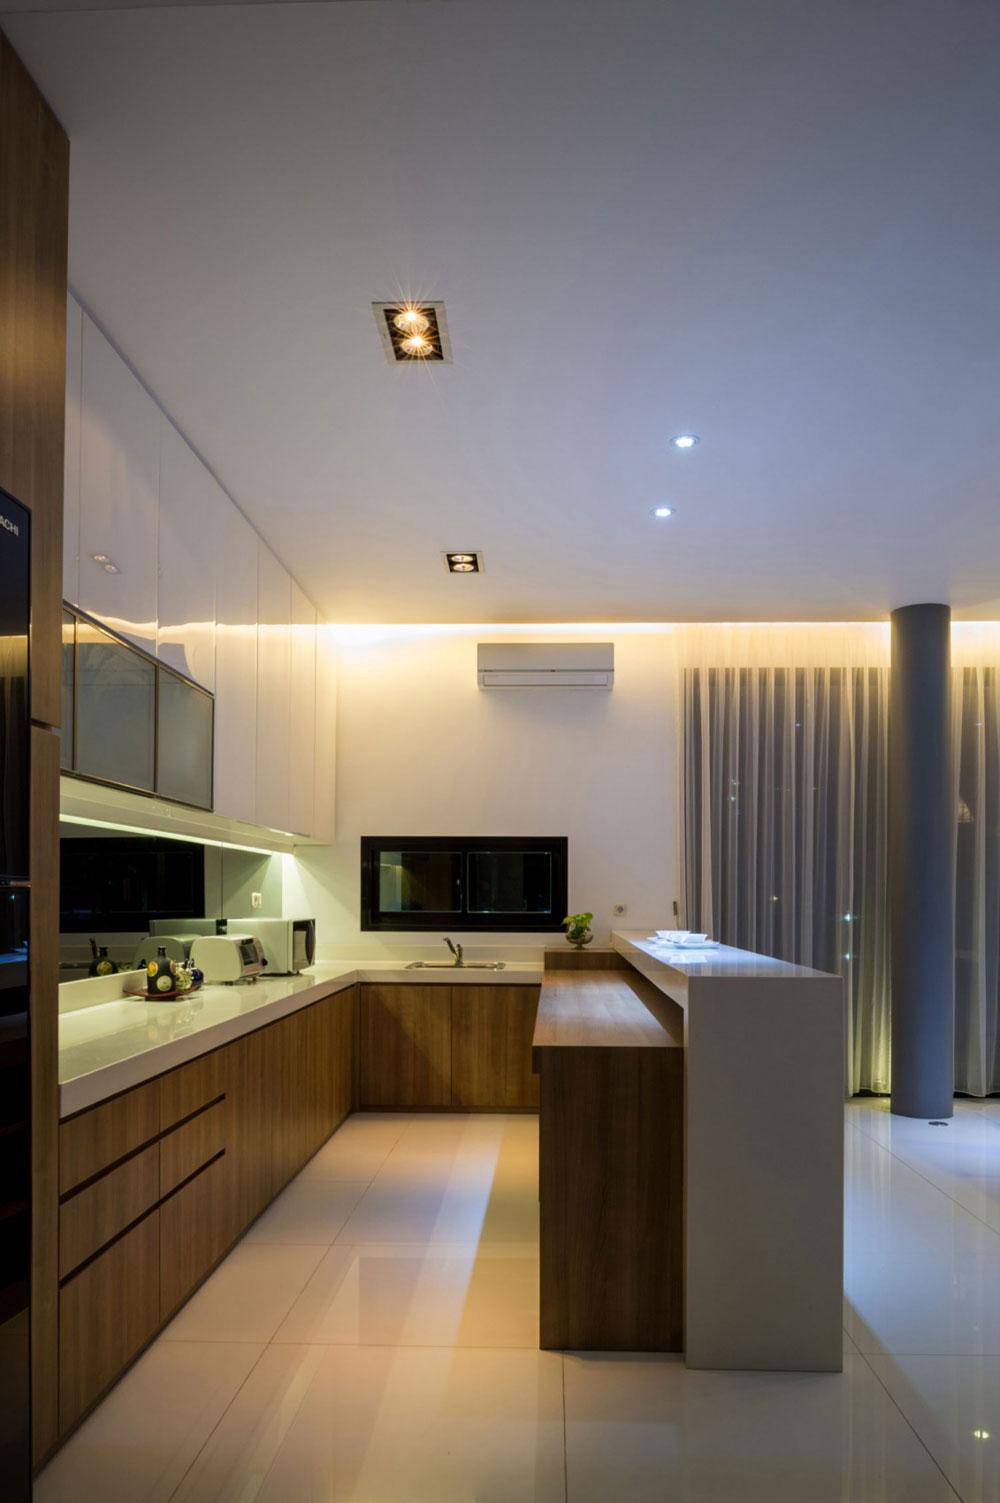 Kök-inredning-design-för-lägenheter-för-att-skapa-det-perfekt-kök-5-kök-inredning-design för lägenheter för att skapa det perfekta köket